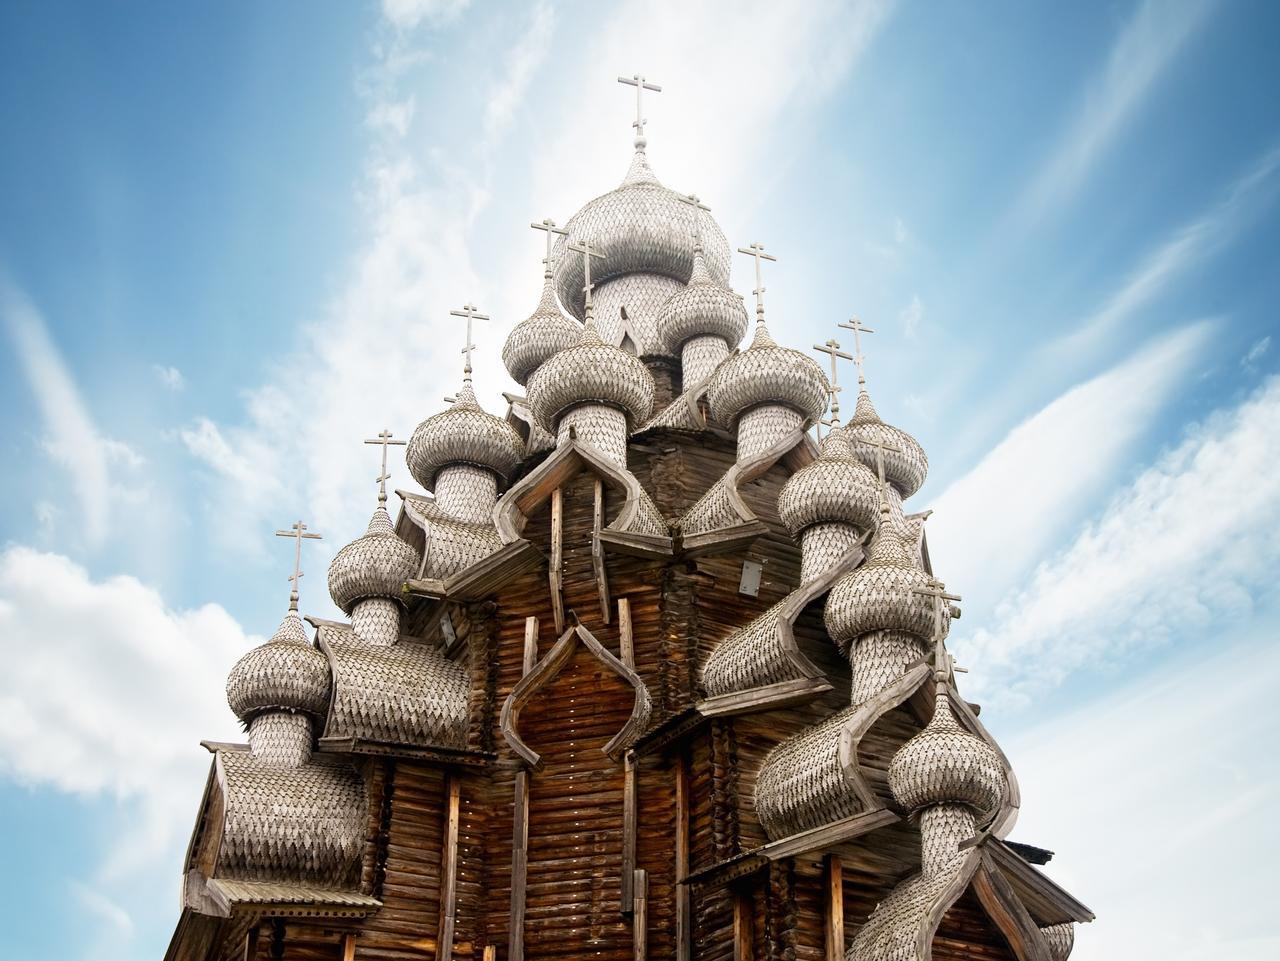 Transfiguration church in Kizhi, russia